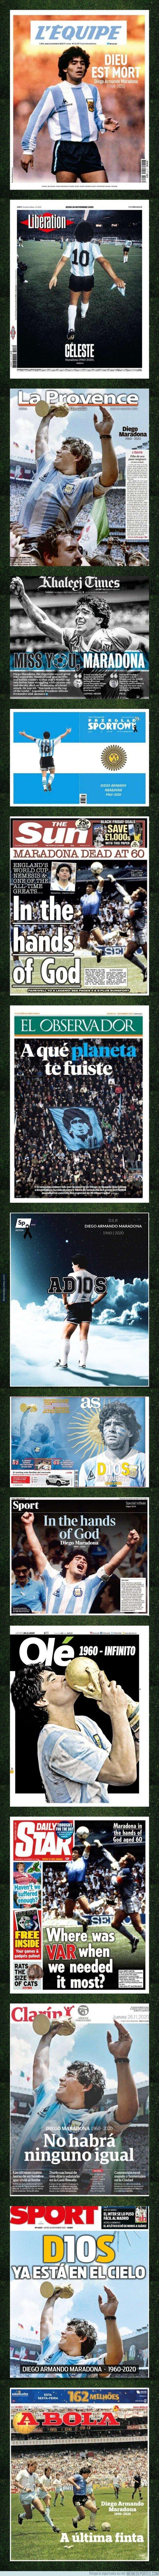 1121189 - Estas son las mejores portadas que han salido tras la muerte de Maradona que te pondrán los pelos de punta